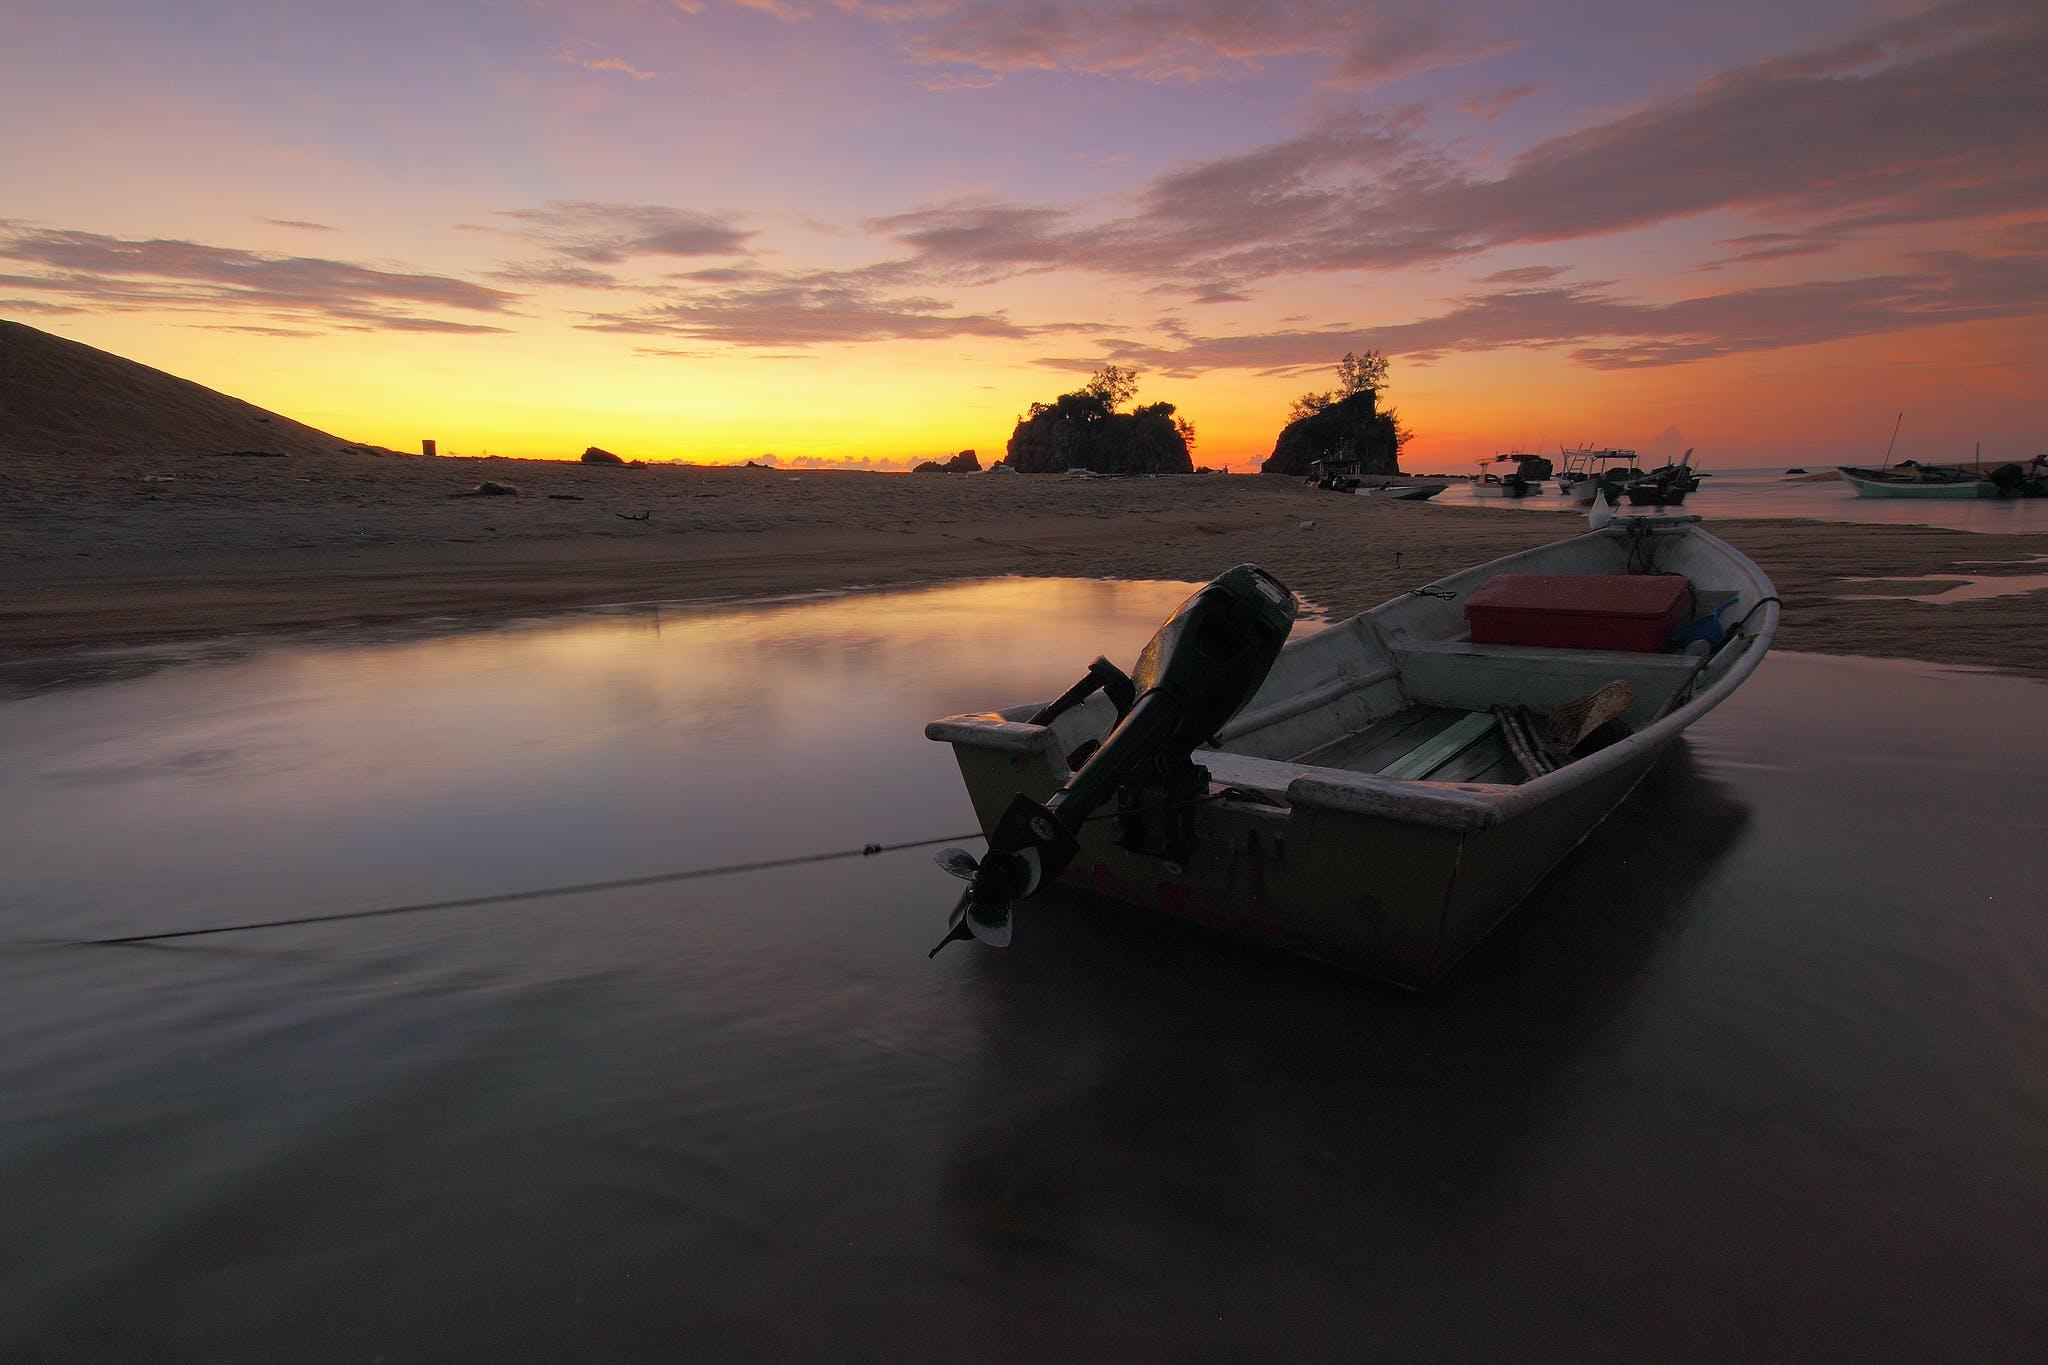 Fotos de stock gratuitas de agua, amanecer, arena, barcos